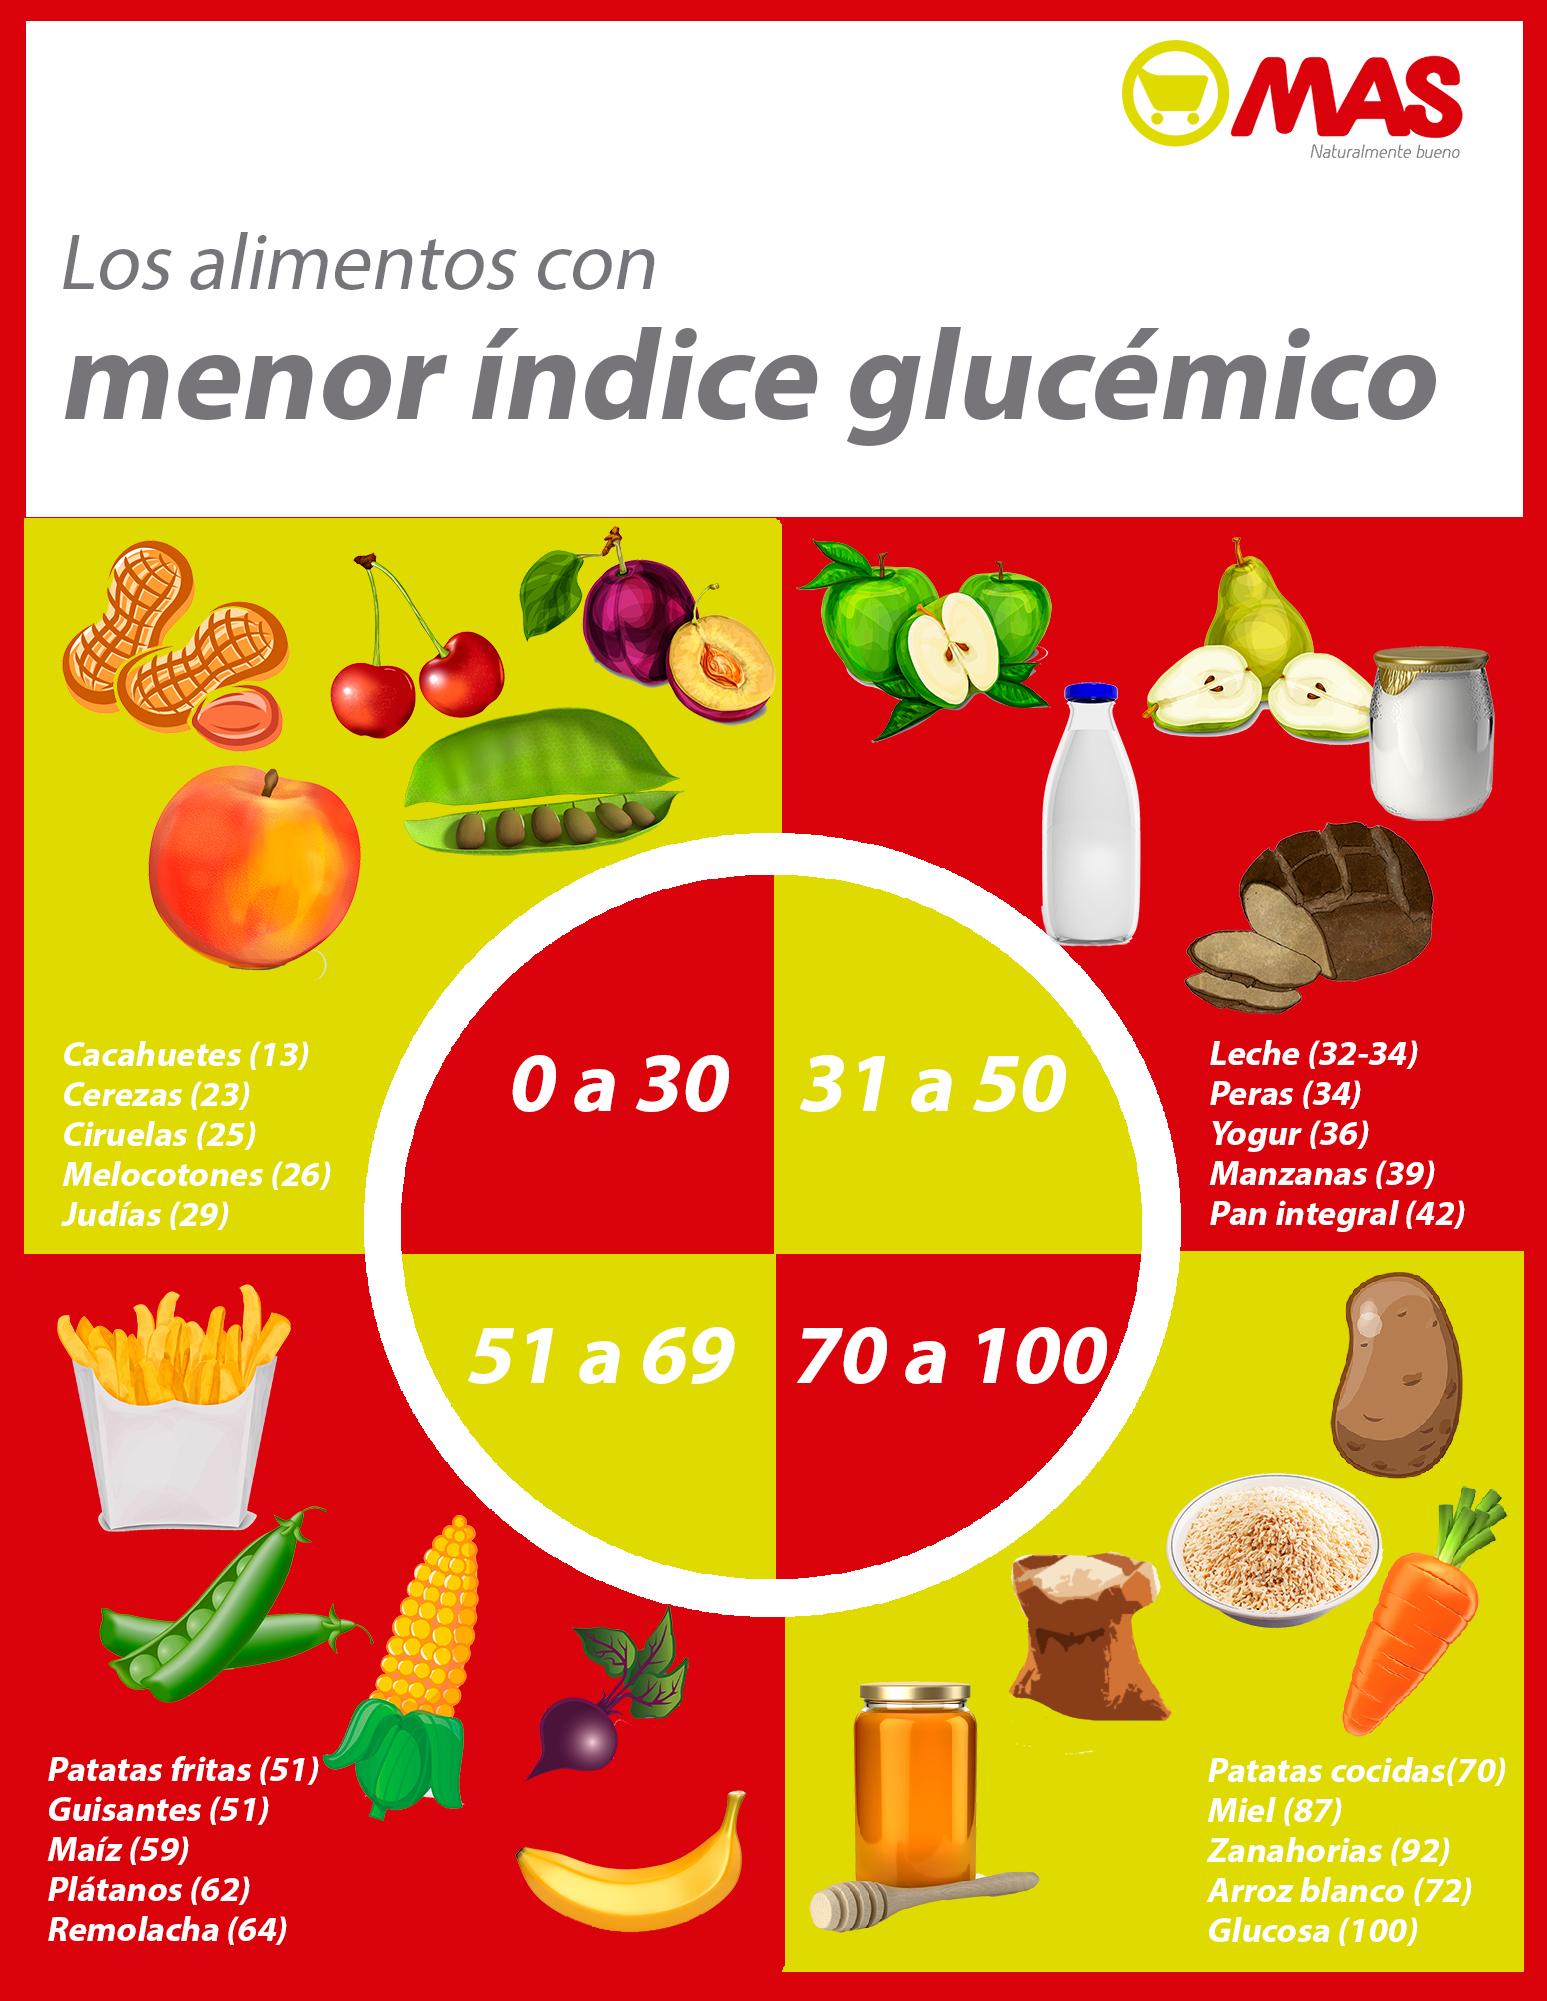 Para el Día Mundial de la #Diabetes, los alimentos que